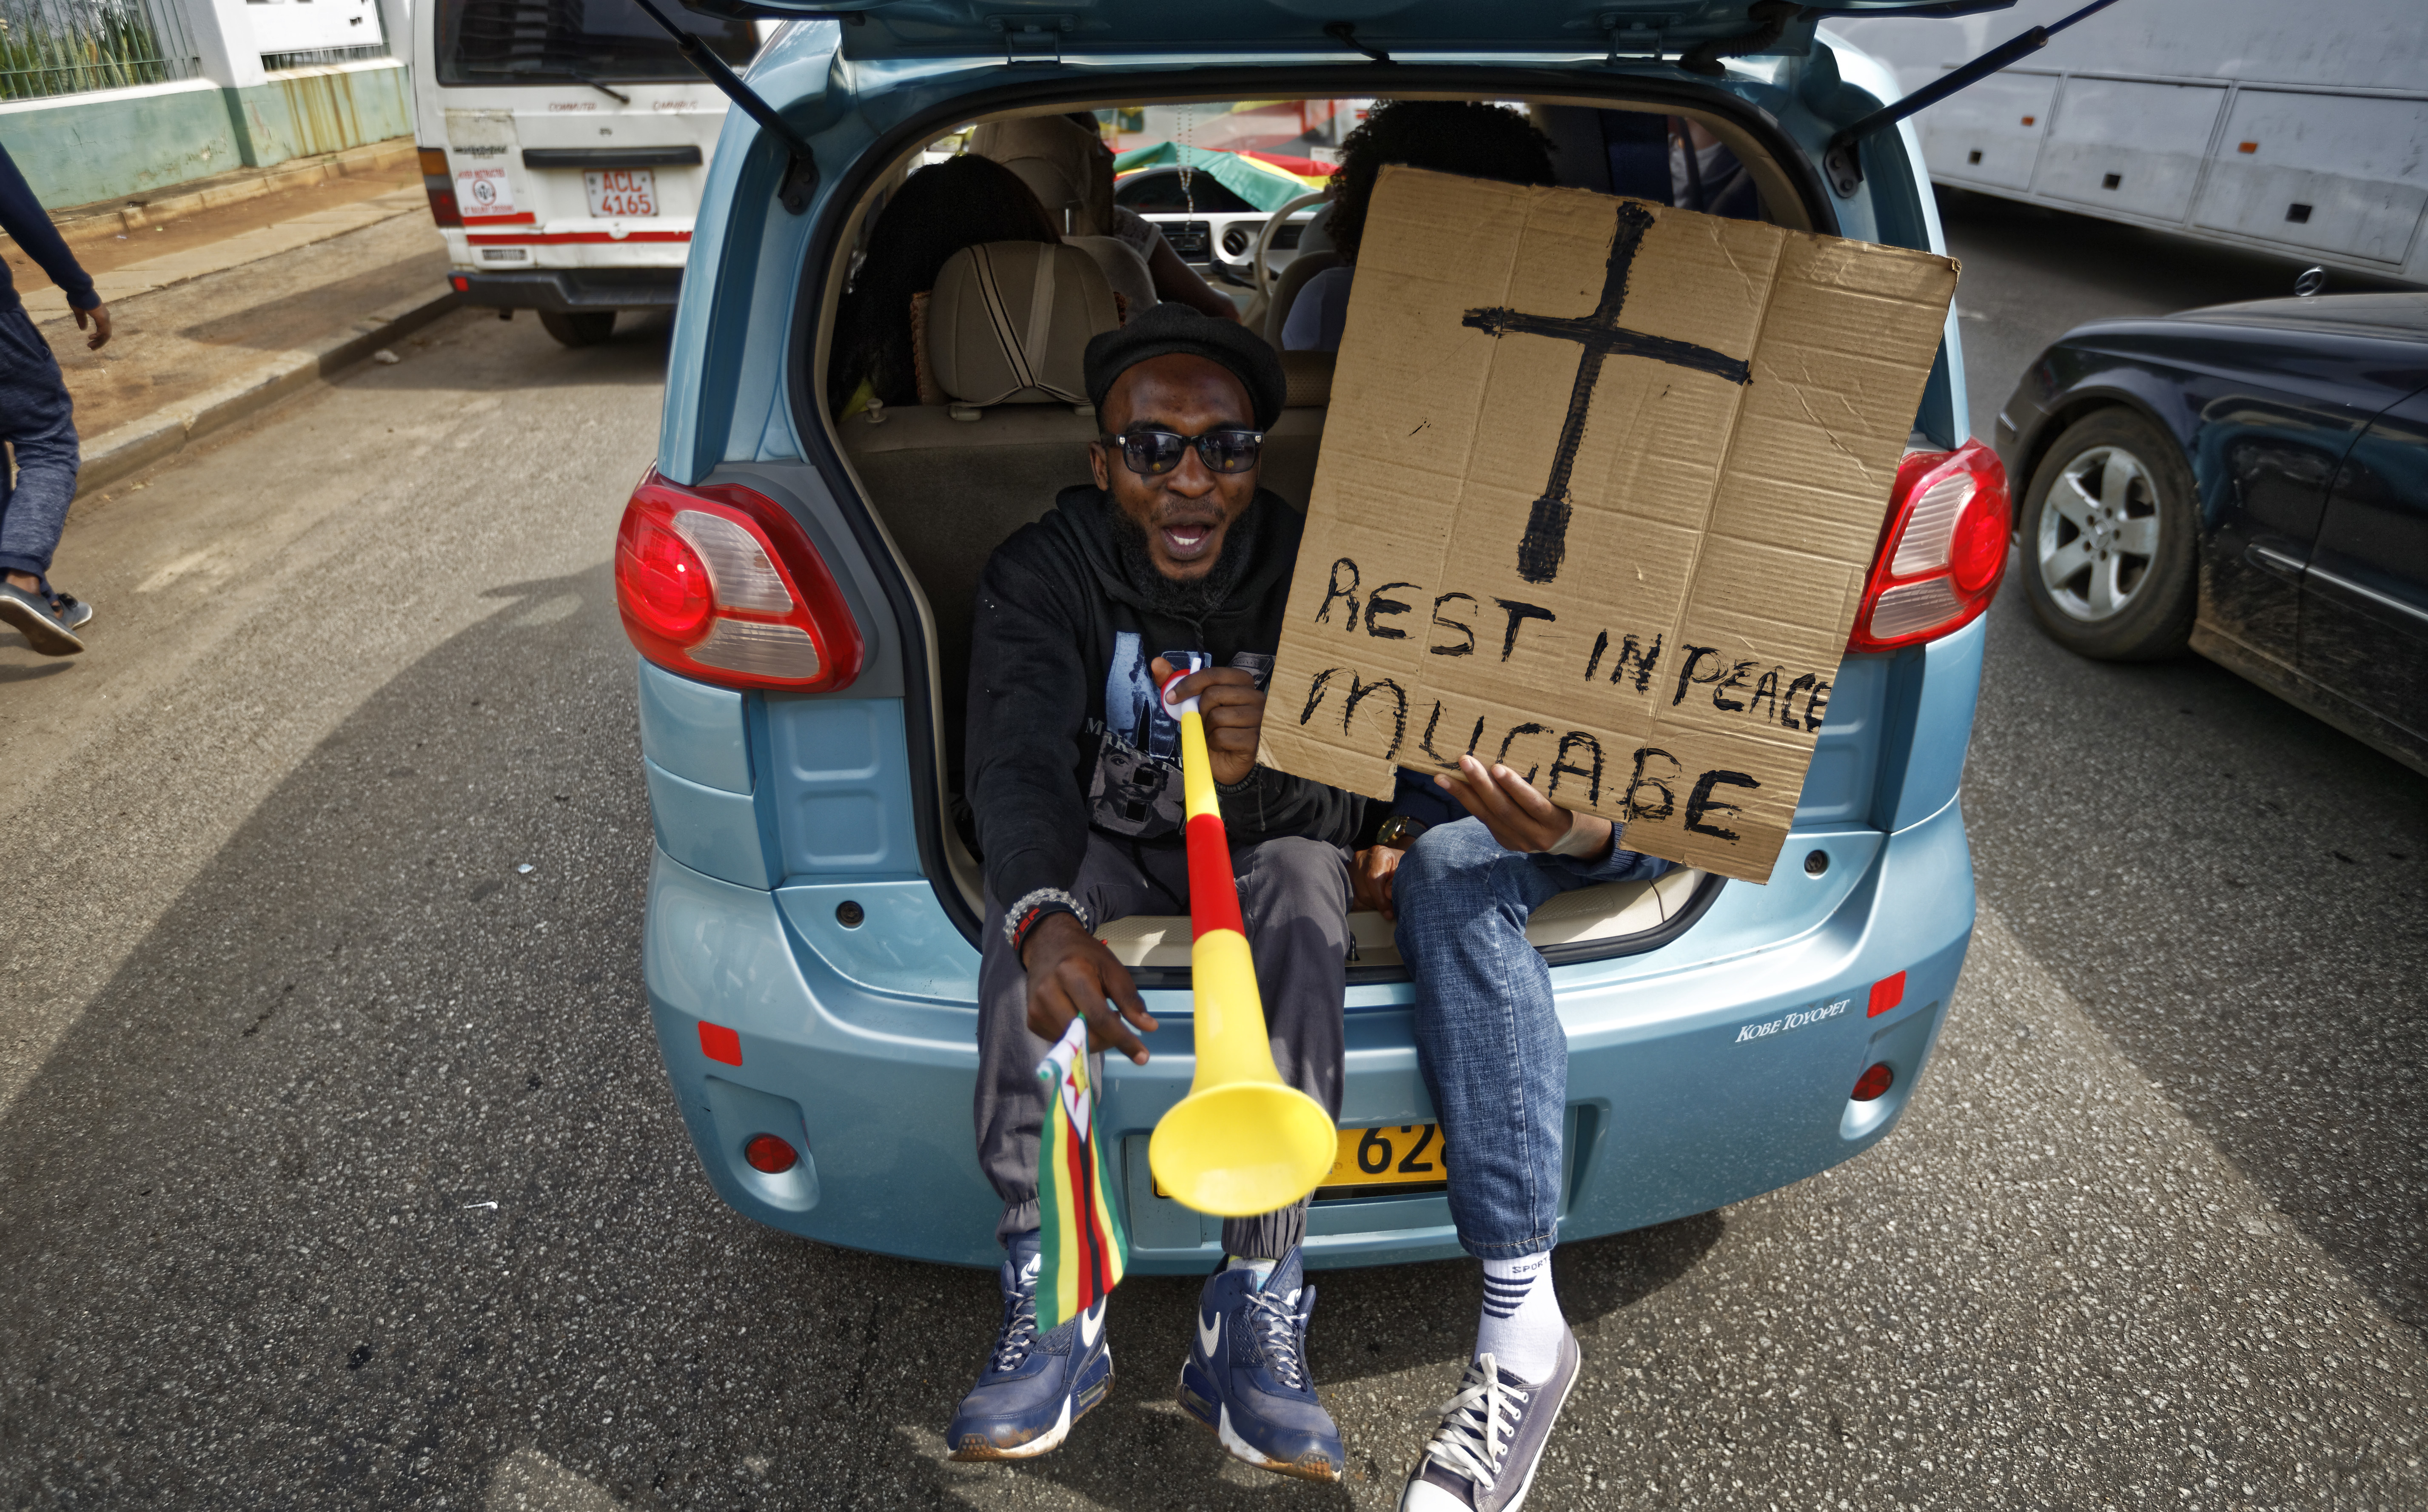 """""""Descansa en paz, Mugabe"""", dice uno de los pancartas de las personas que salieron a protestar. (AP Photo/Ben Curtis)"""